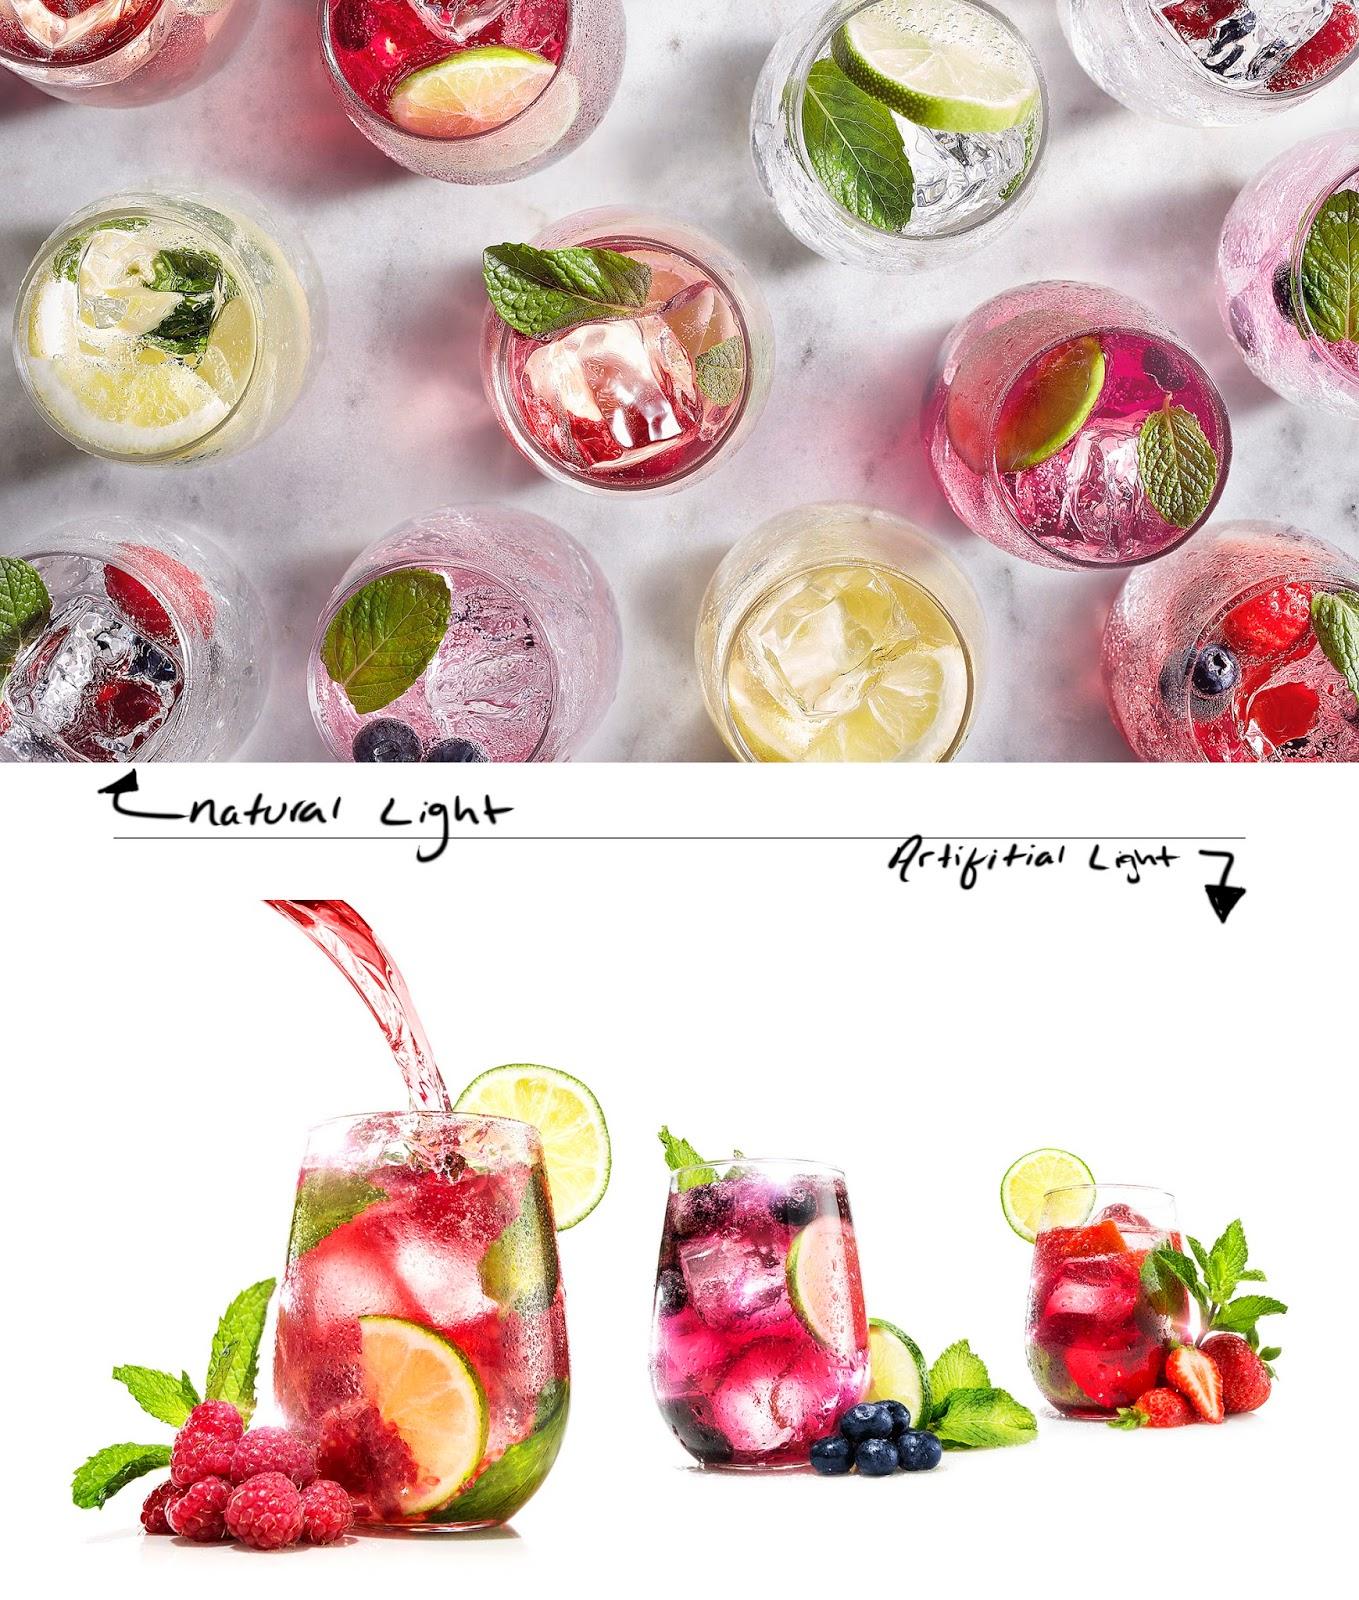 Естественный и искусственный свет в съемке еды